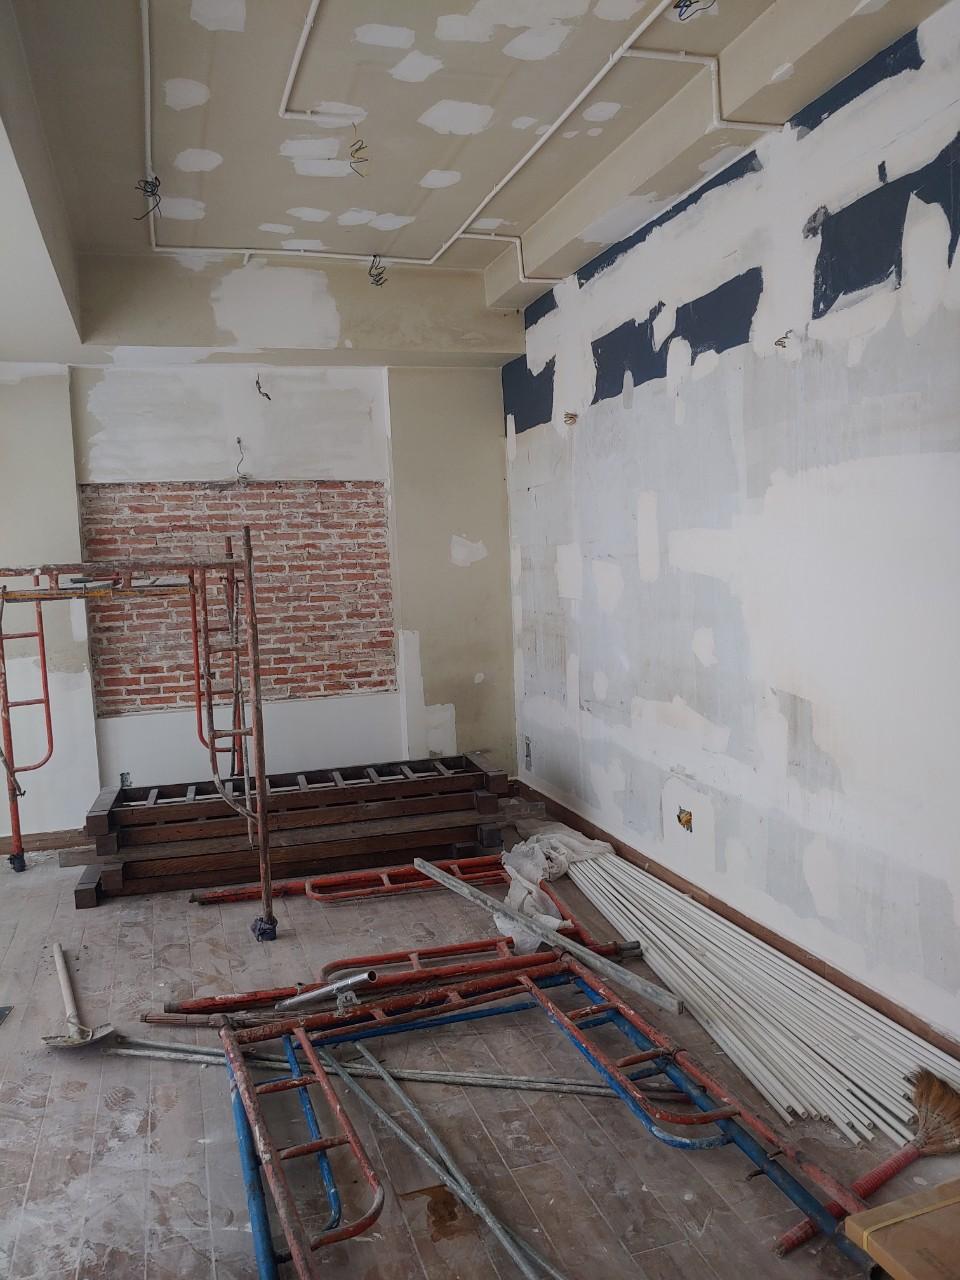 dịch vụ sơn nhà giá rẻ - thợ sơn nước tại tphcm - 0368115251 - Mái Nhà Đẹp